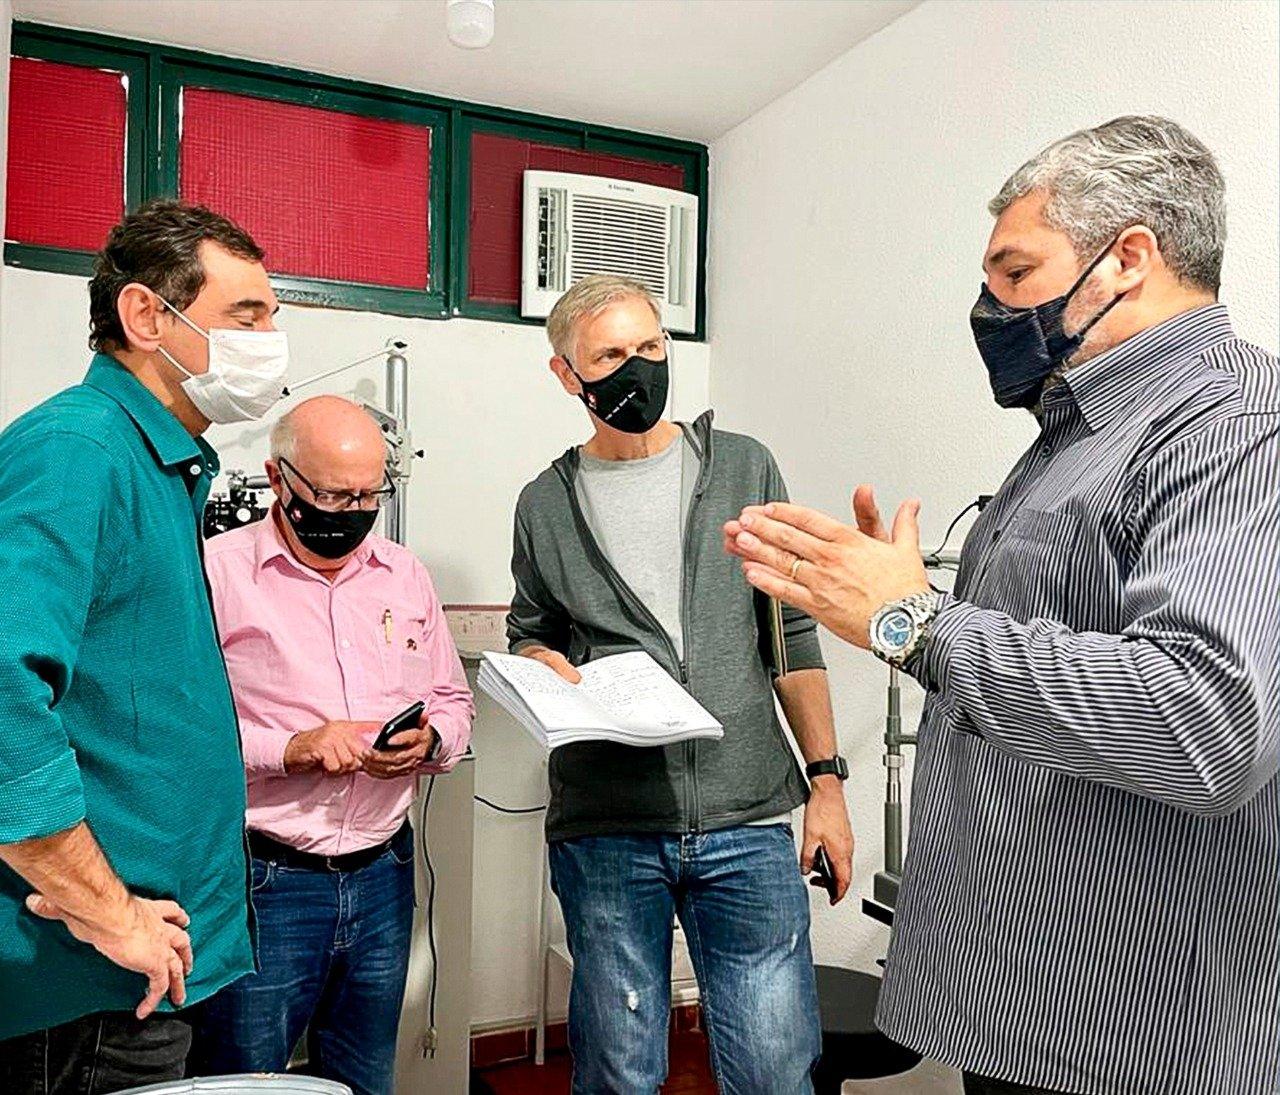 Cônsul-geral da Suíça visita Monnerat, distrito de Duas Barras